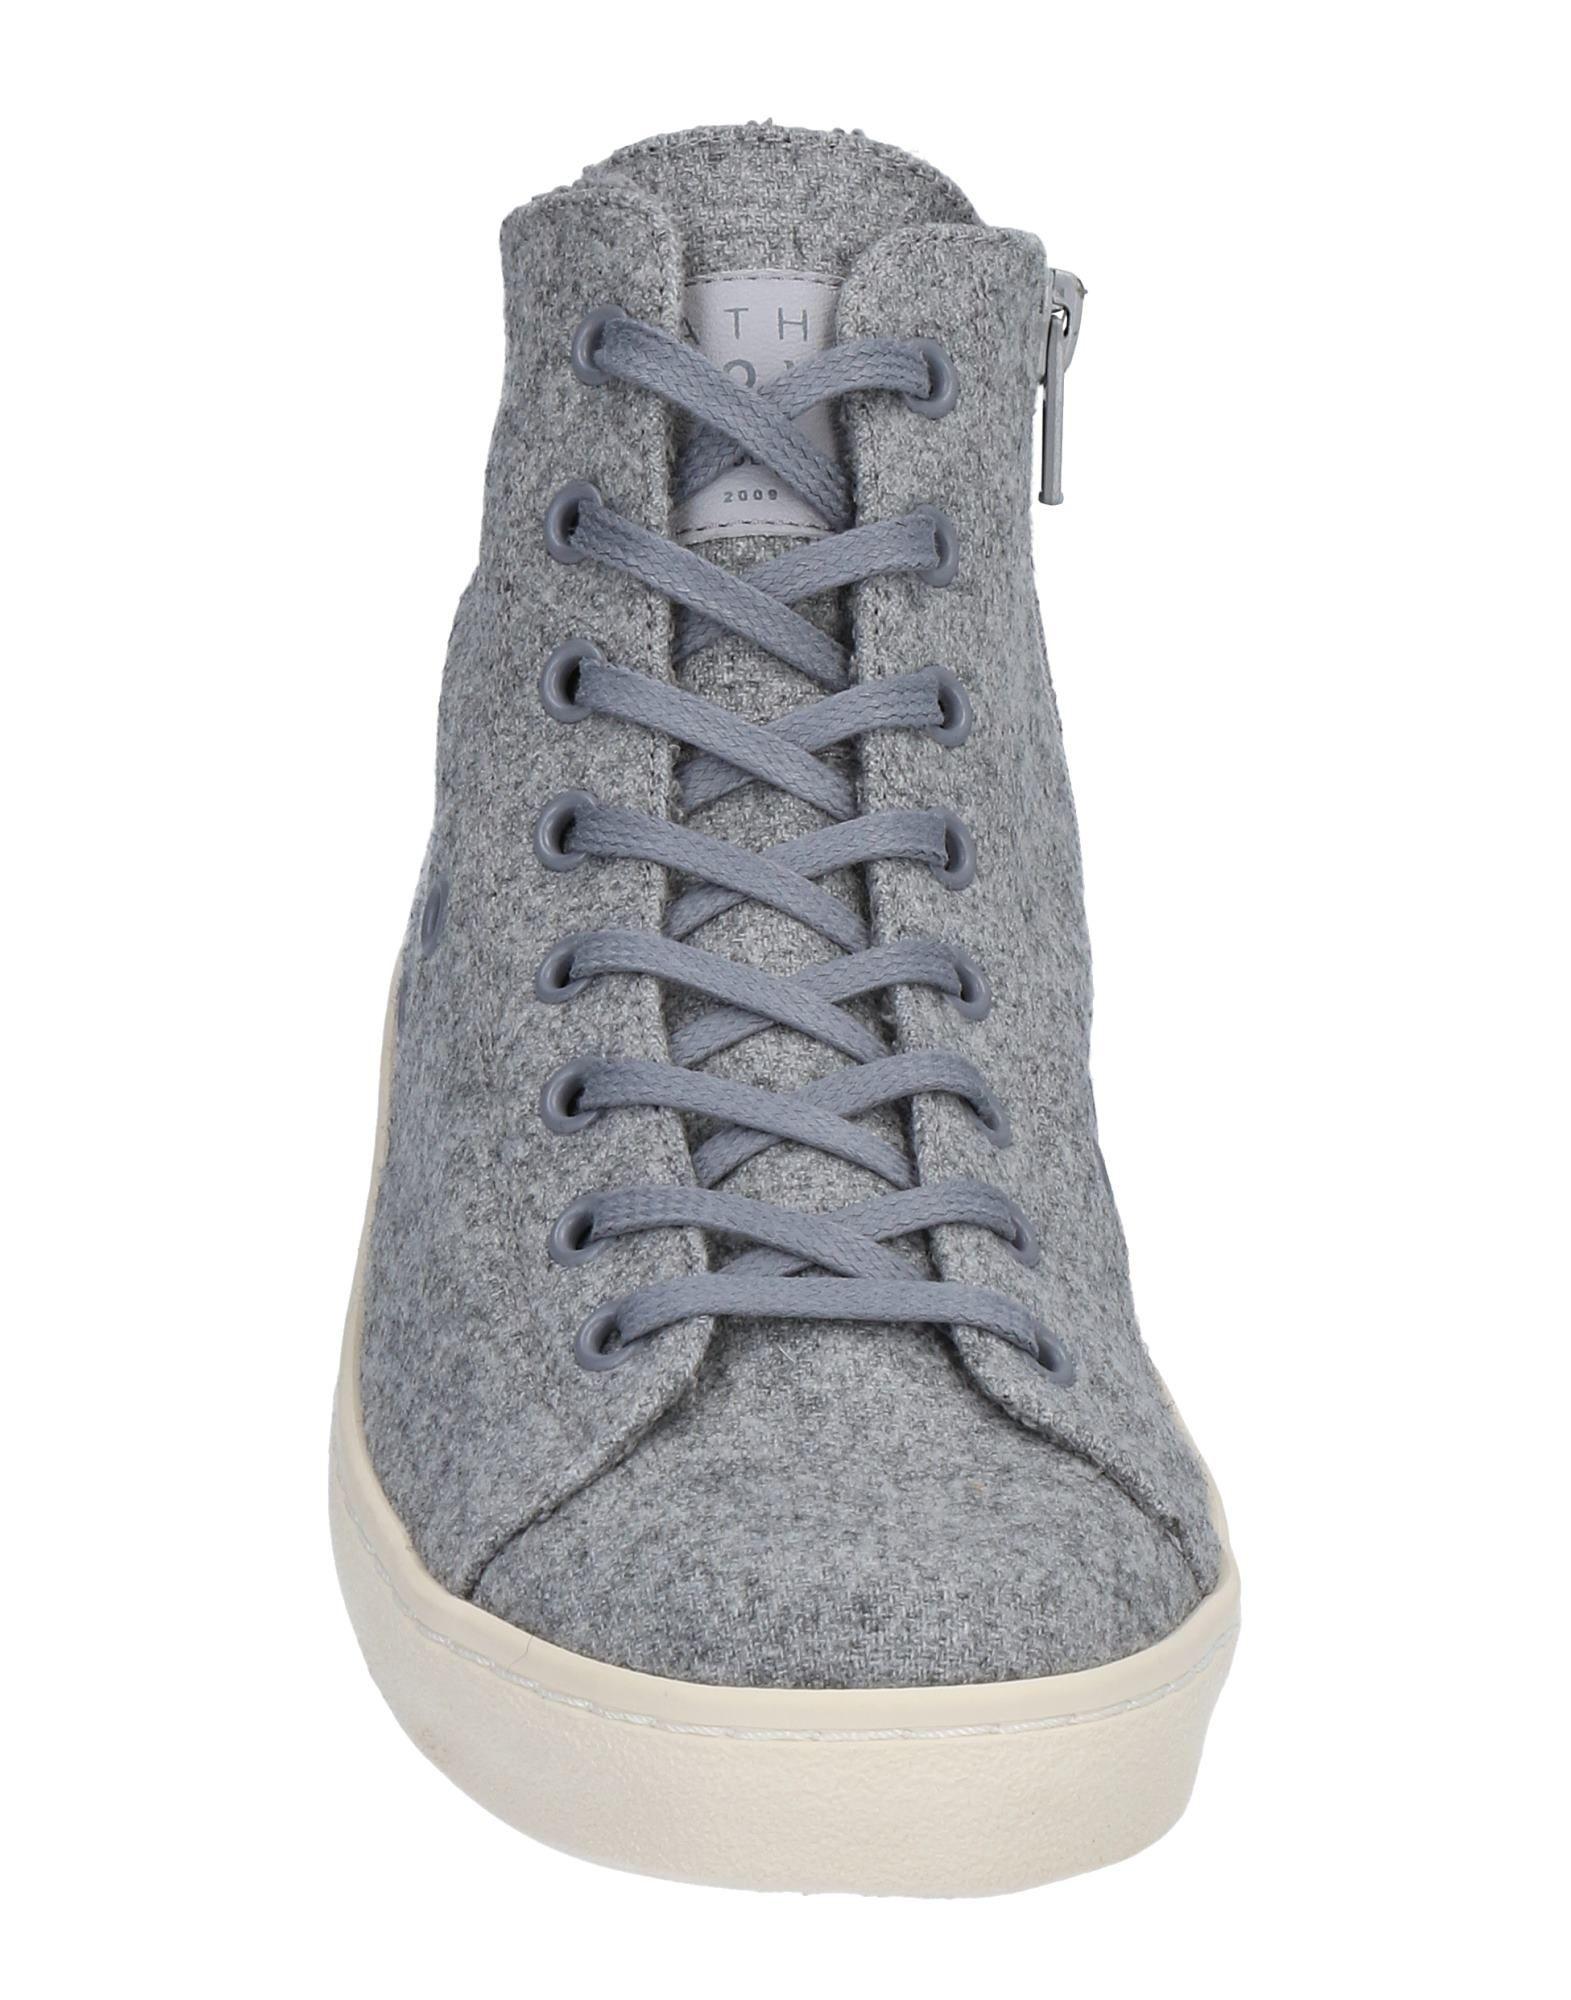 Gut Crown um billige Schuhe zu tragenLeather Crown Gut Sneakers Damen  11512733DT 1a0a4e